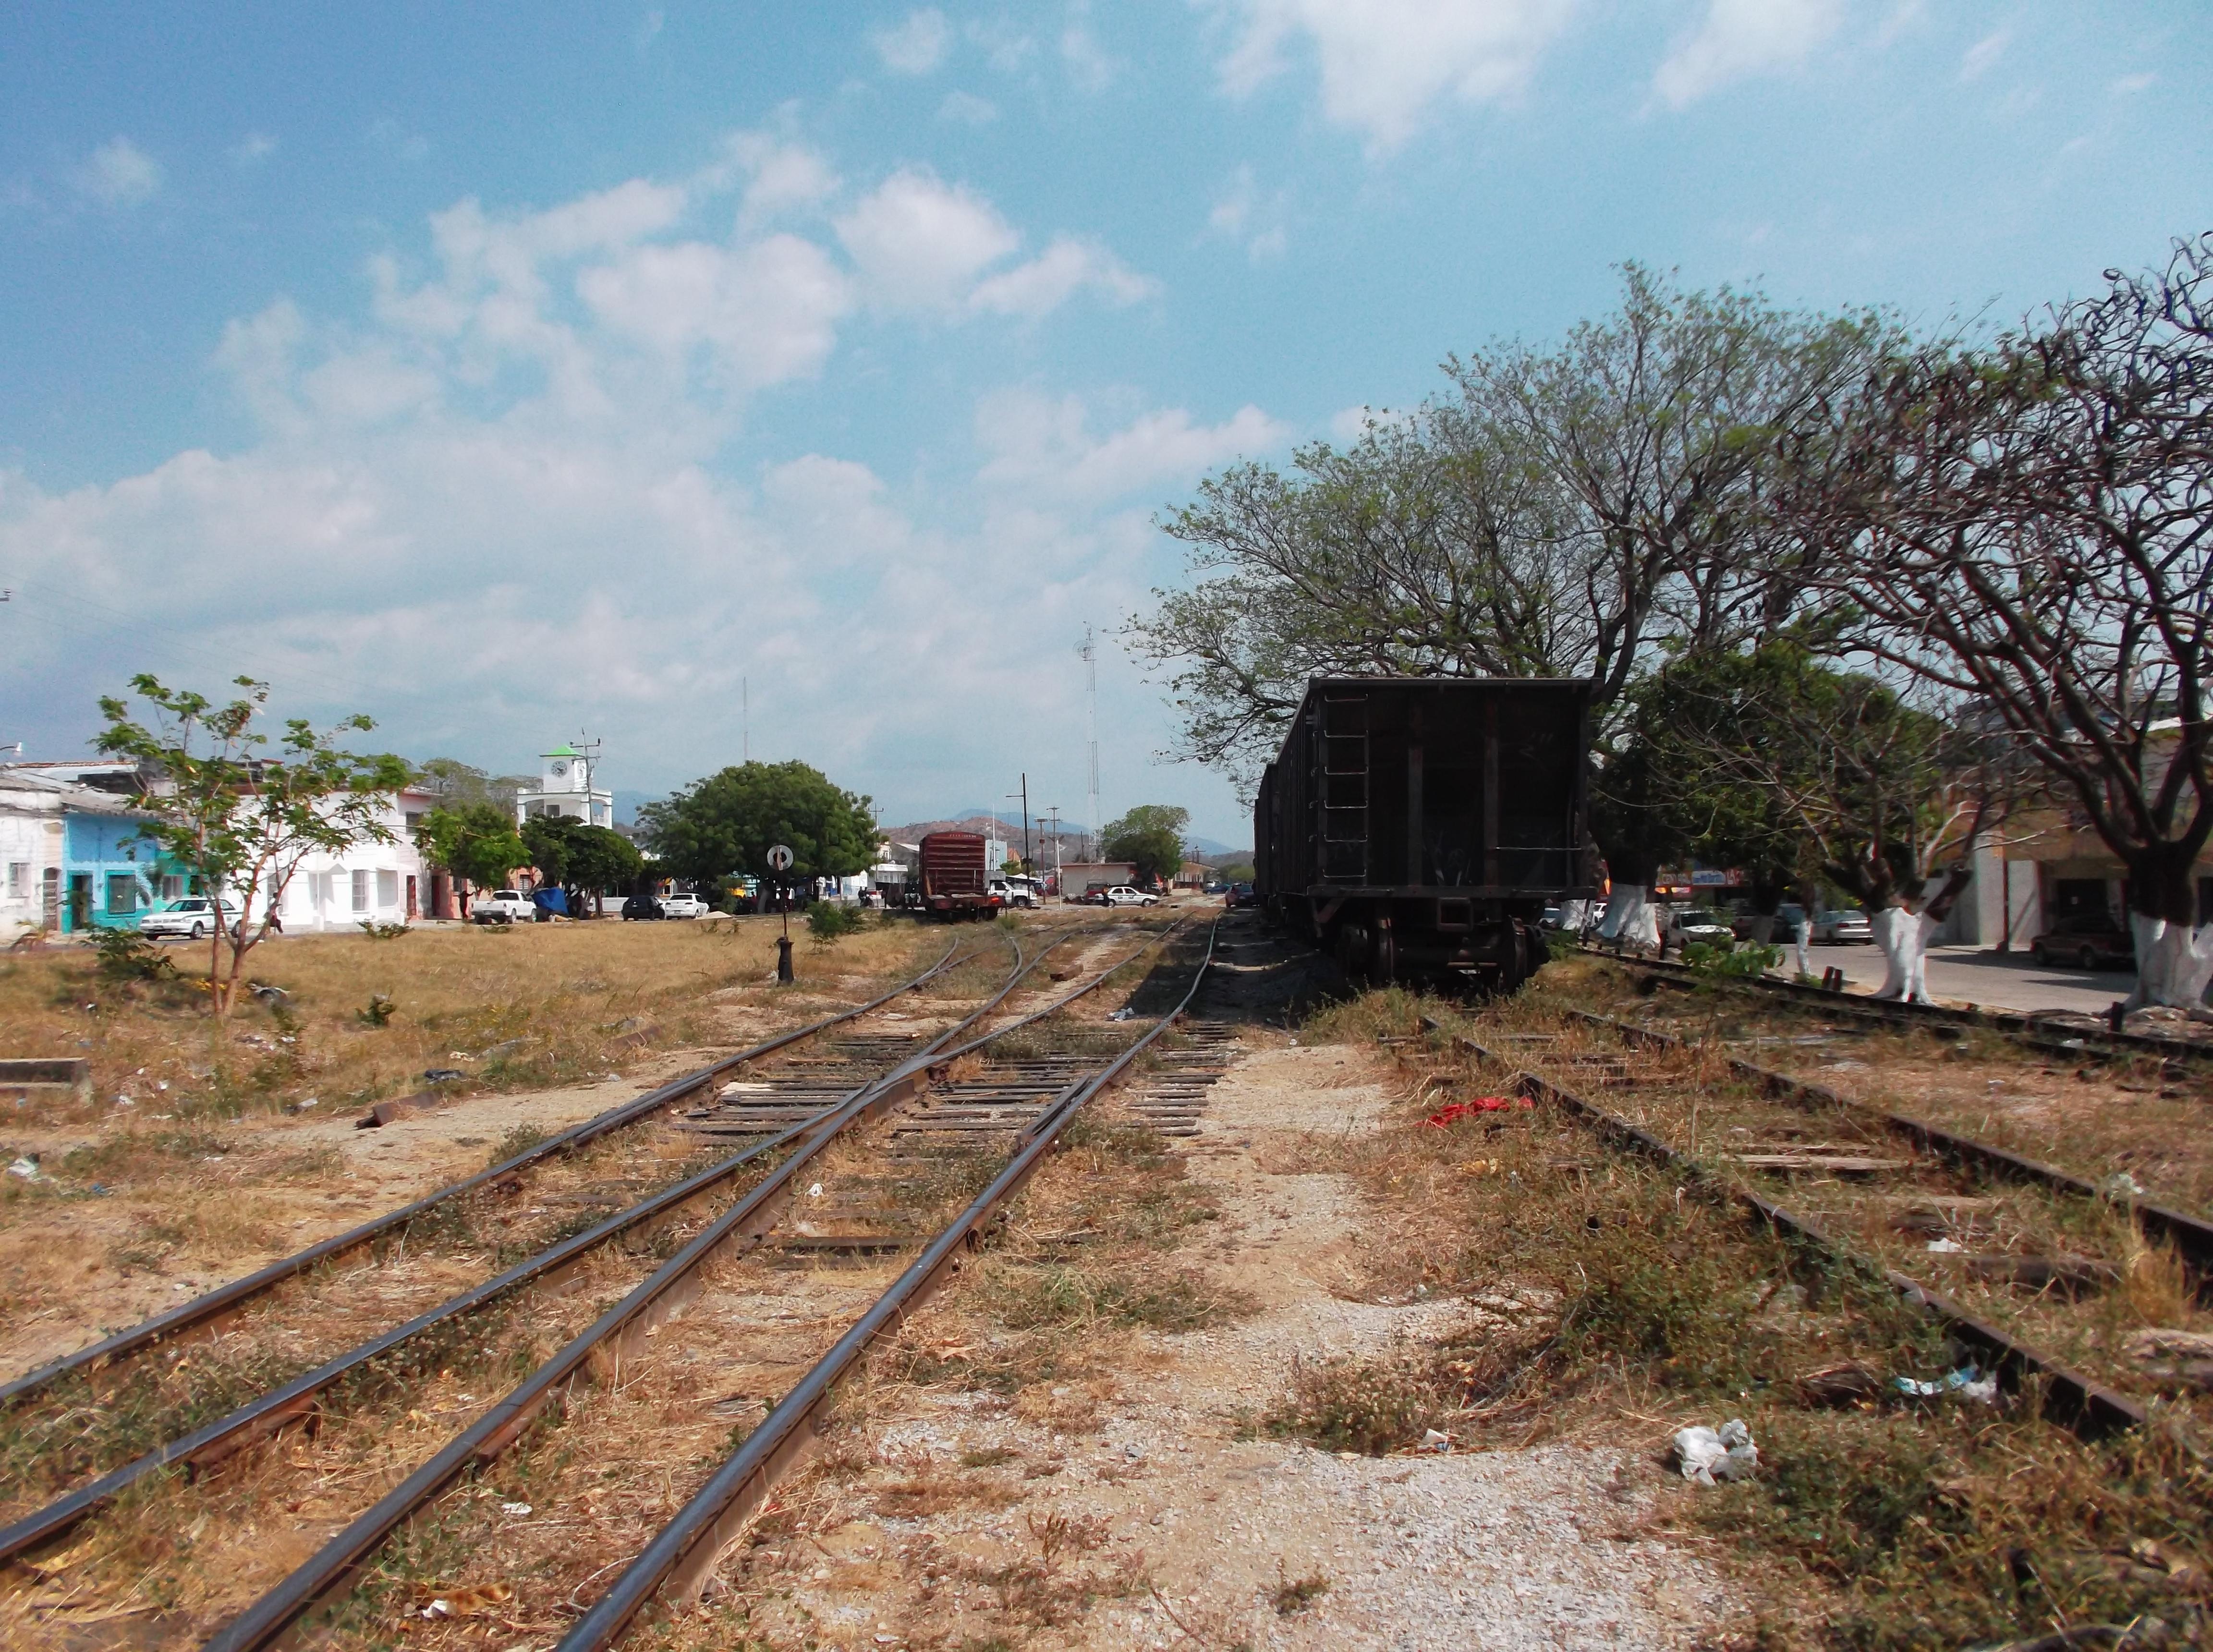 Las vías del tren - la bestia